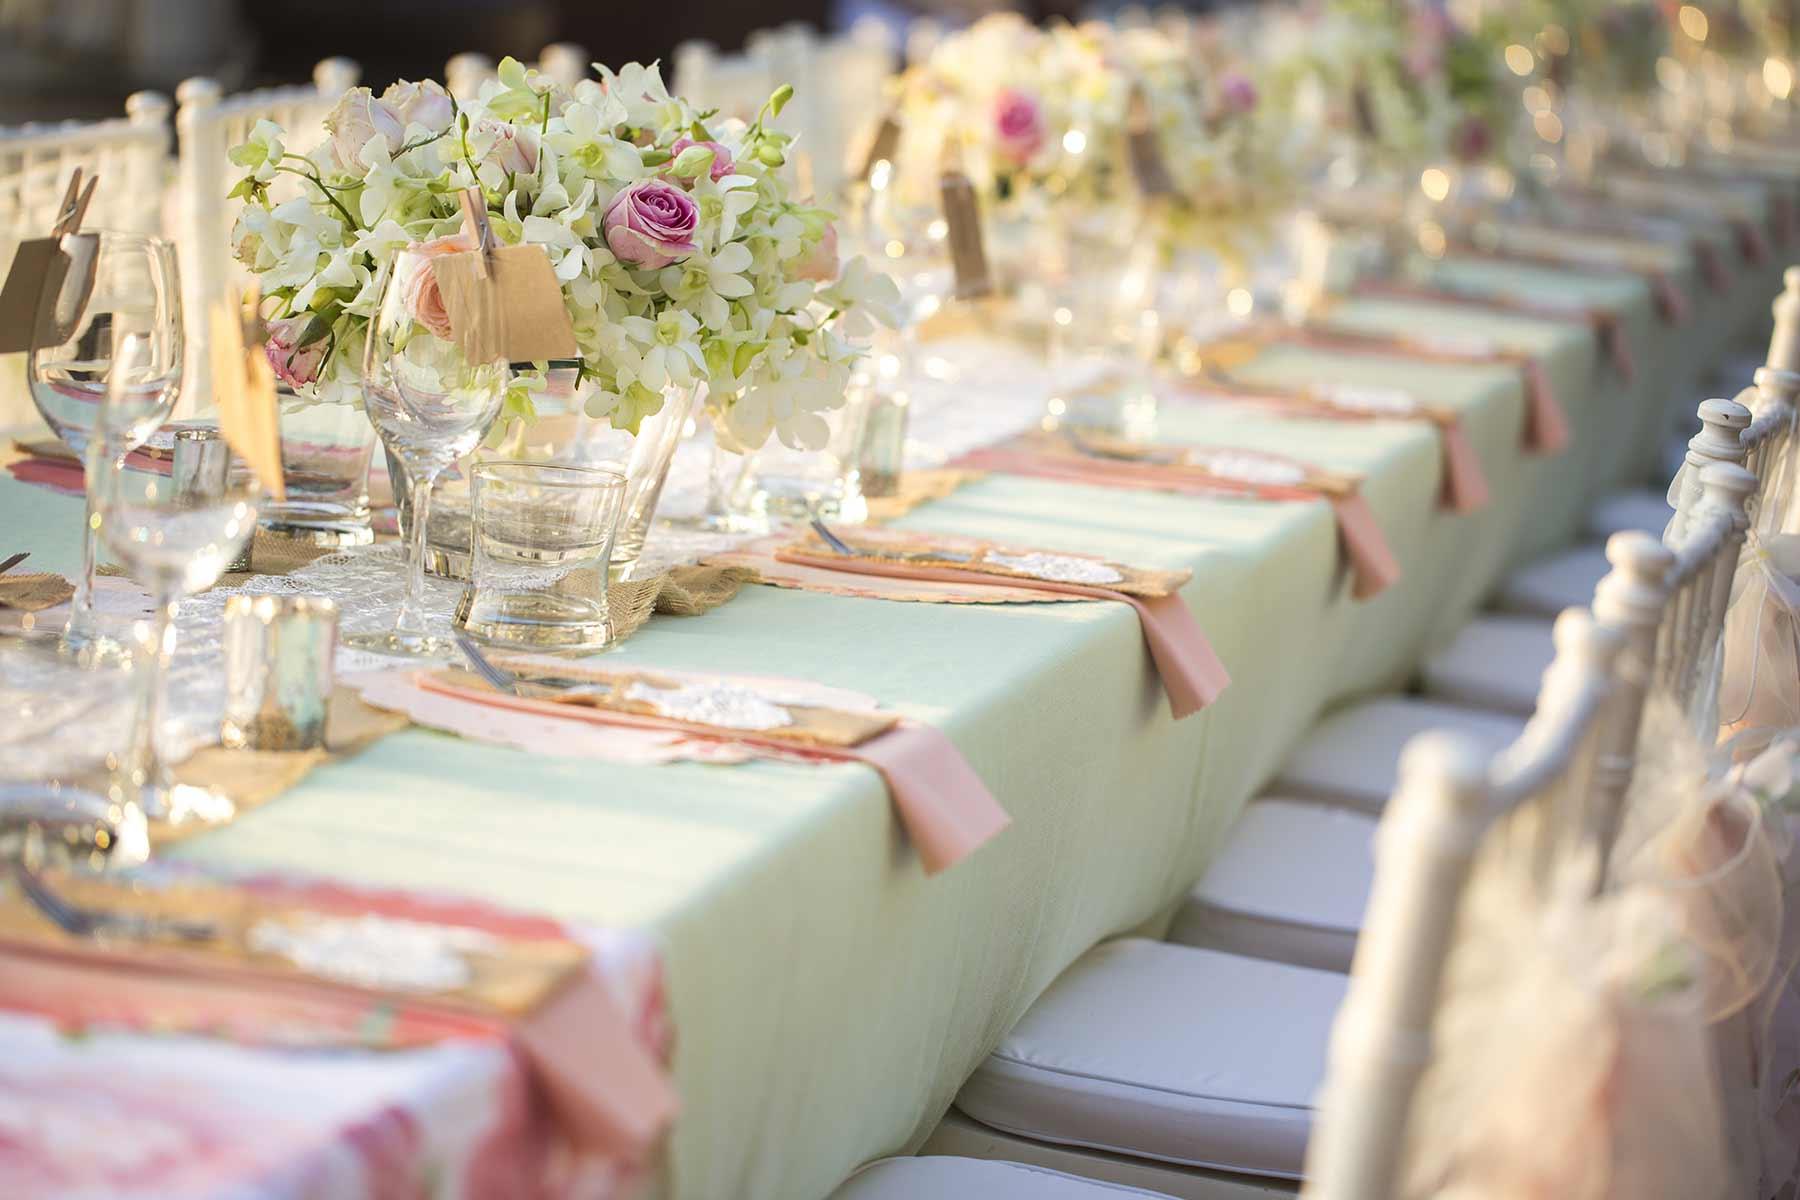 Tischlaufer Fur Die Hochzeit Als Basis Fur Die Tischdeko